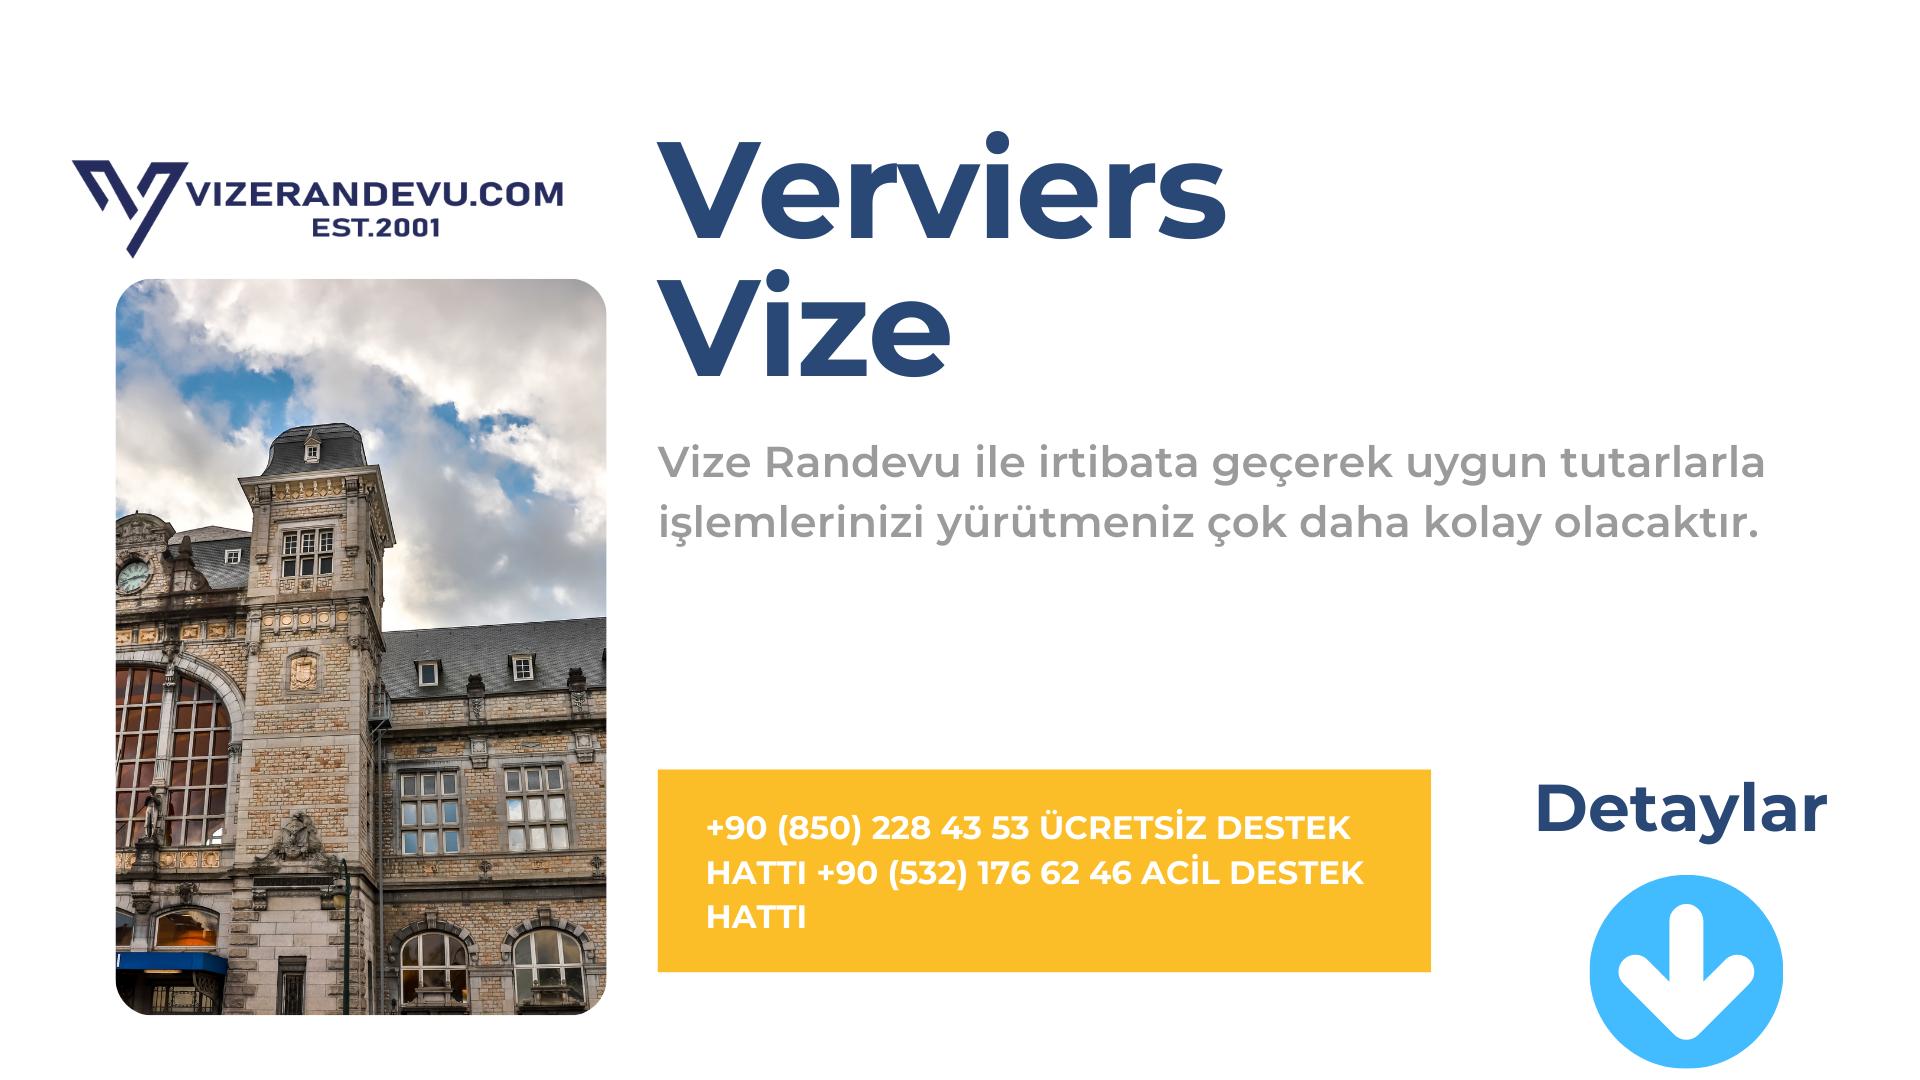 Verviers Vize